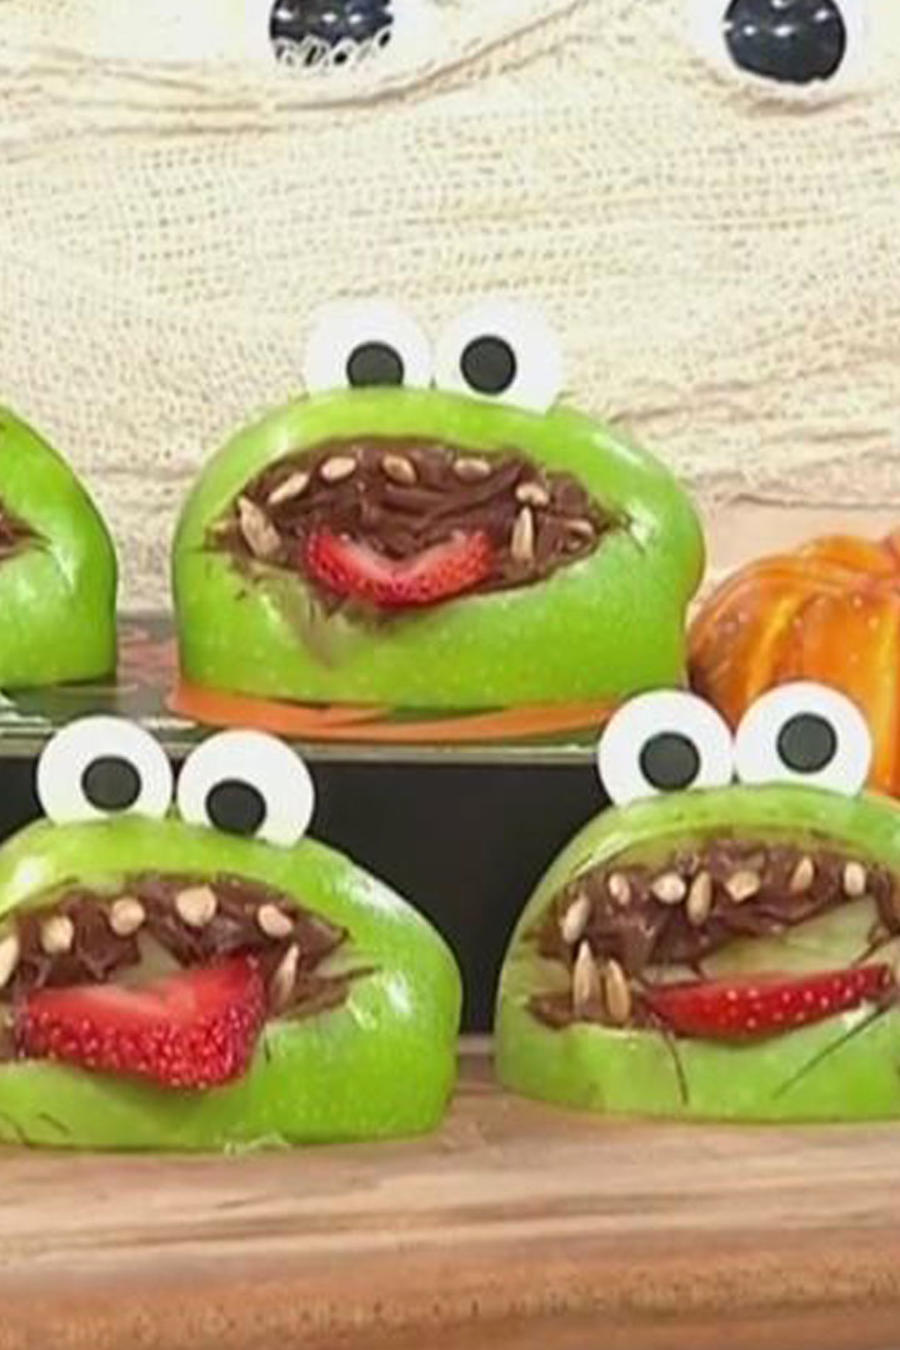 Recetas de cocina: Cómo hacer ranitas para Halloween